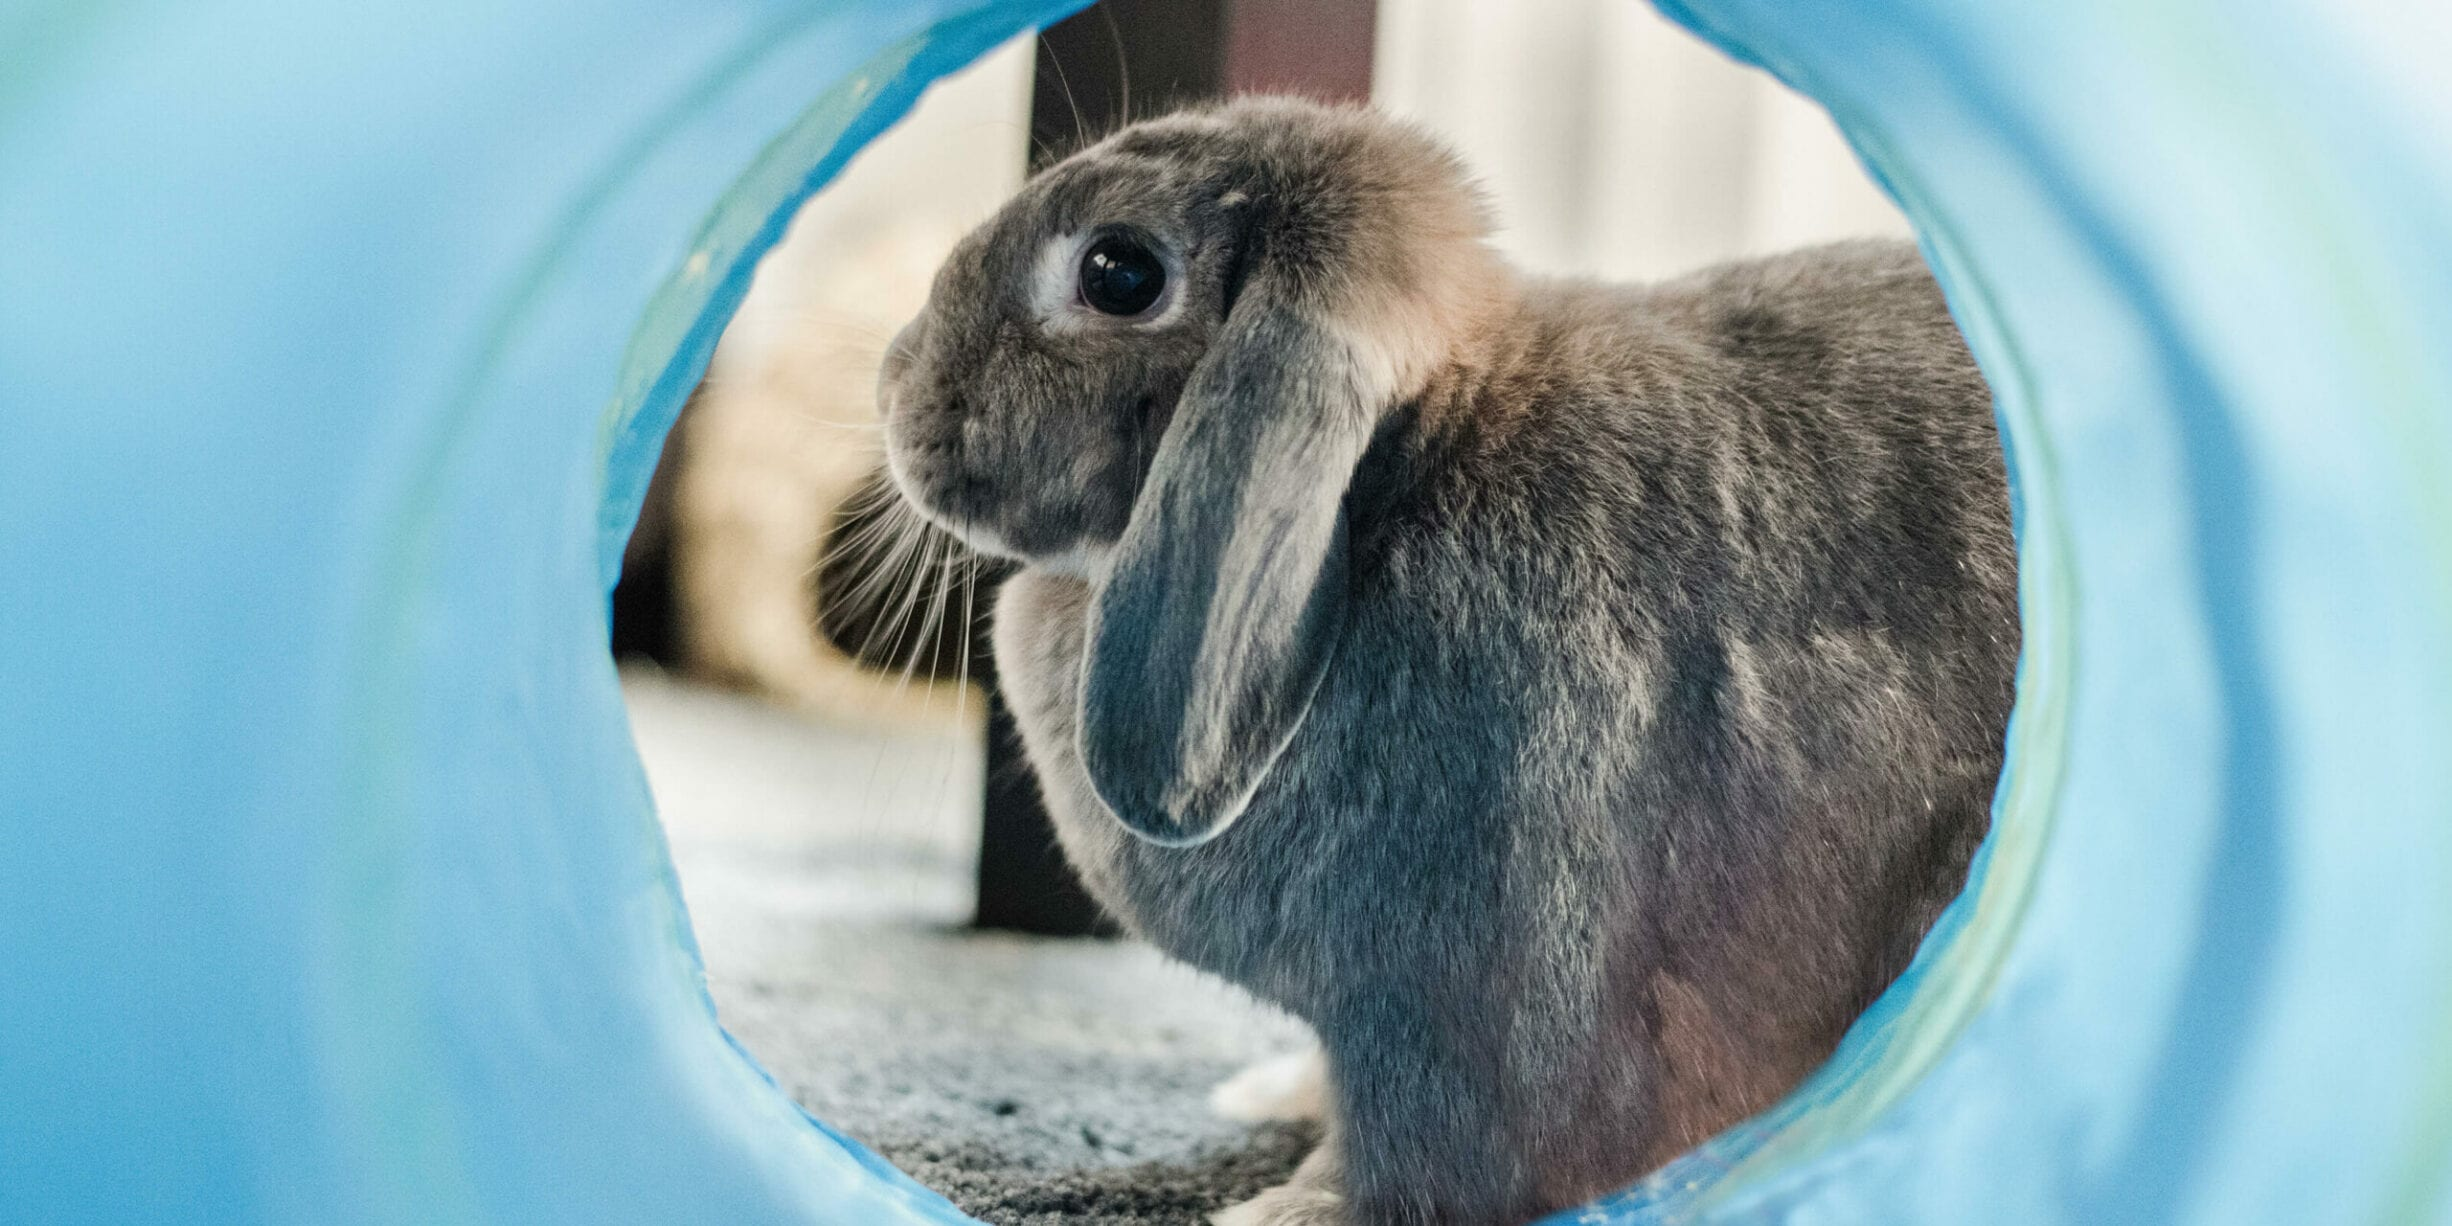 lab testing rabbit